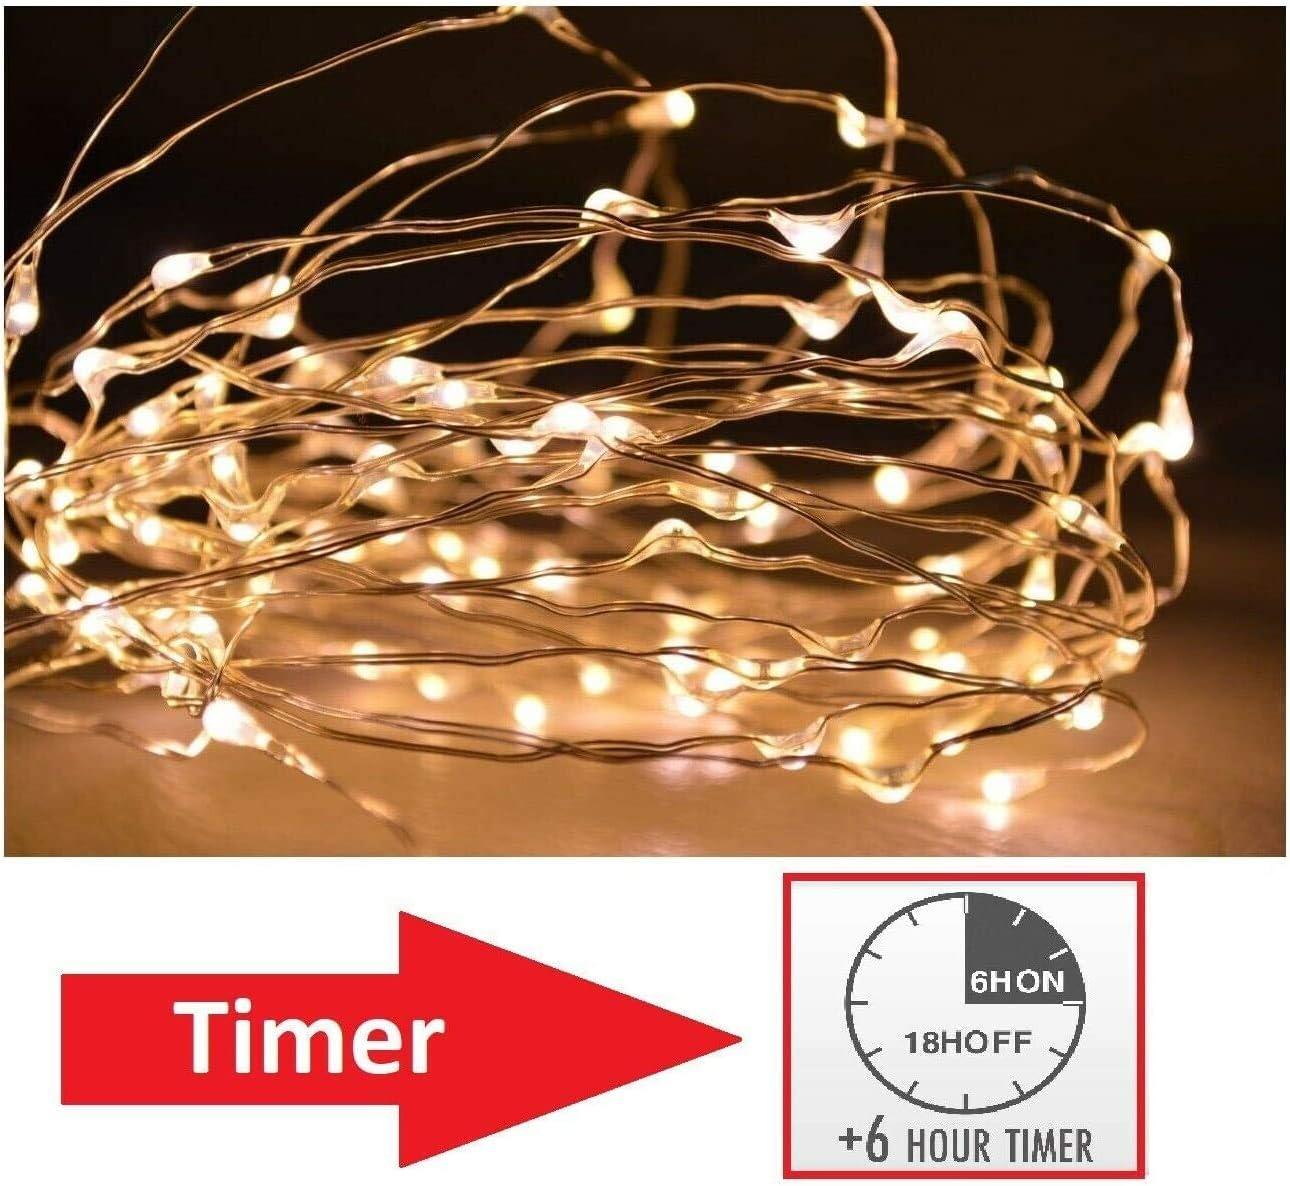 Vanorell 10 x 10 LEDs Draht Lichterkette KALTWEISS zuschneidbare Drahtlichterkette SILBERDRAHT incl Batterie Micro LED Lichterkette Lichterschlauch Batterie Weihnachten Licht Lichterketten Party